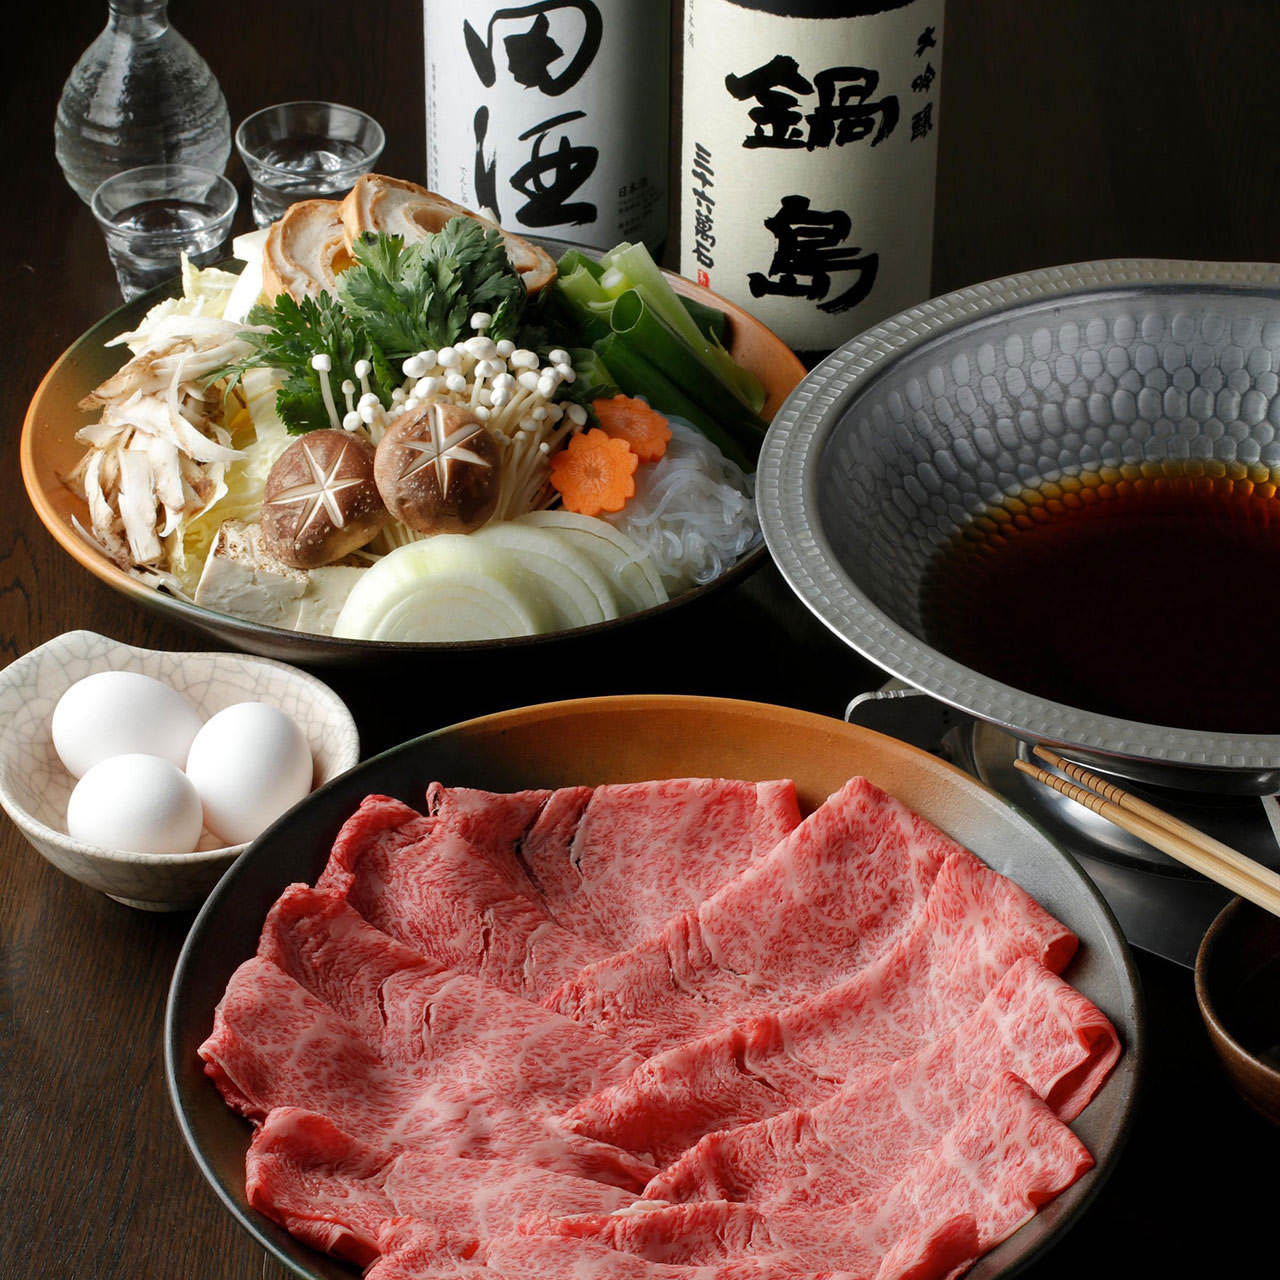 『すき焼きコース』[全6品]〆まで存分に。牛鍋風に楽しむ絶品すき焼き鍋で宴会